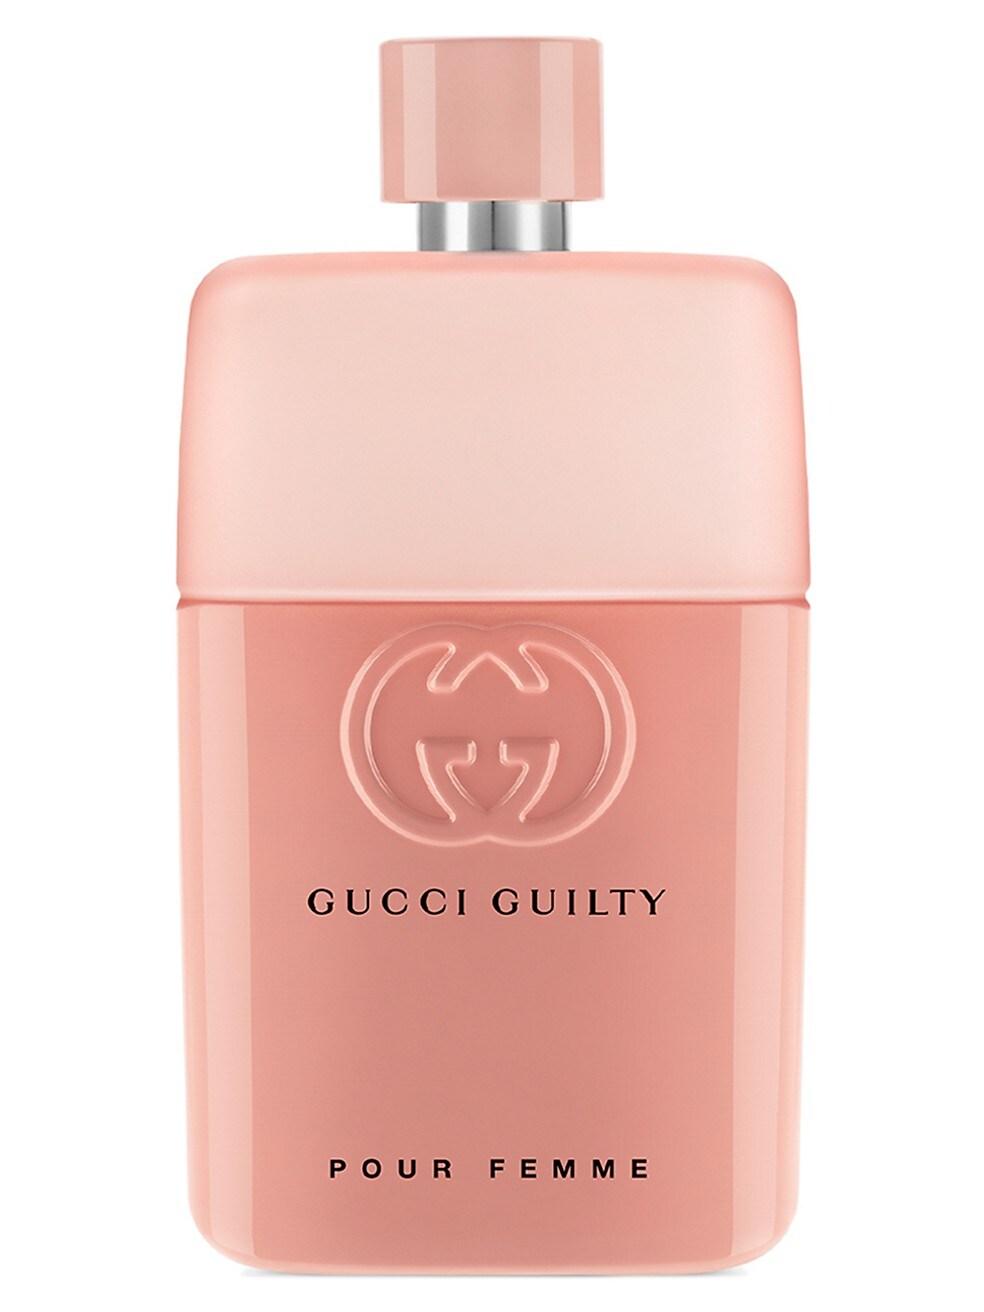 Love Edition Gucci Guilty Pour Femme Eau de Parfum